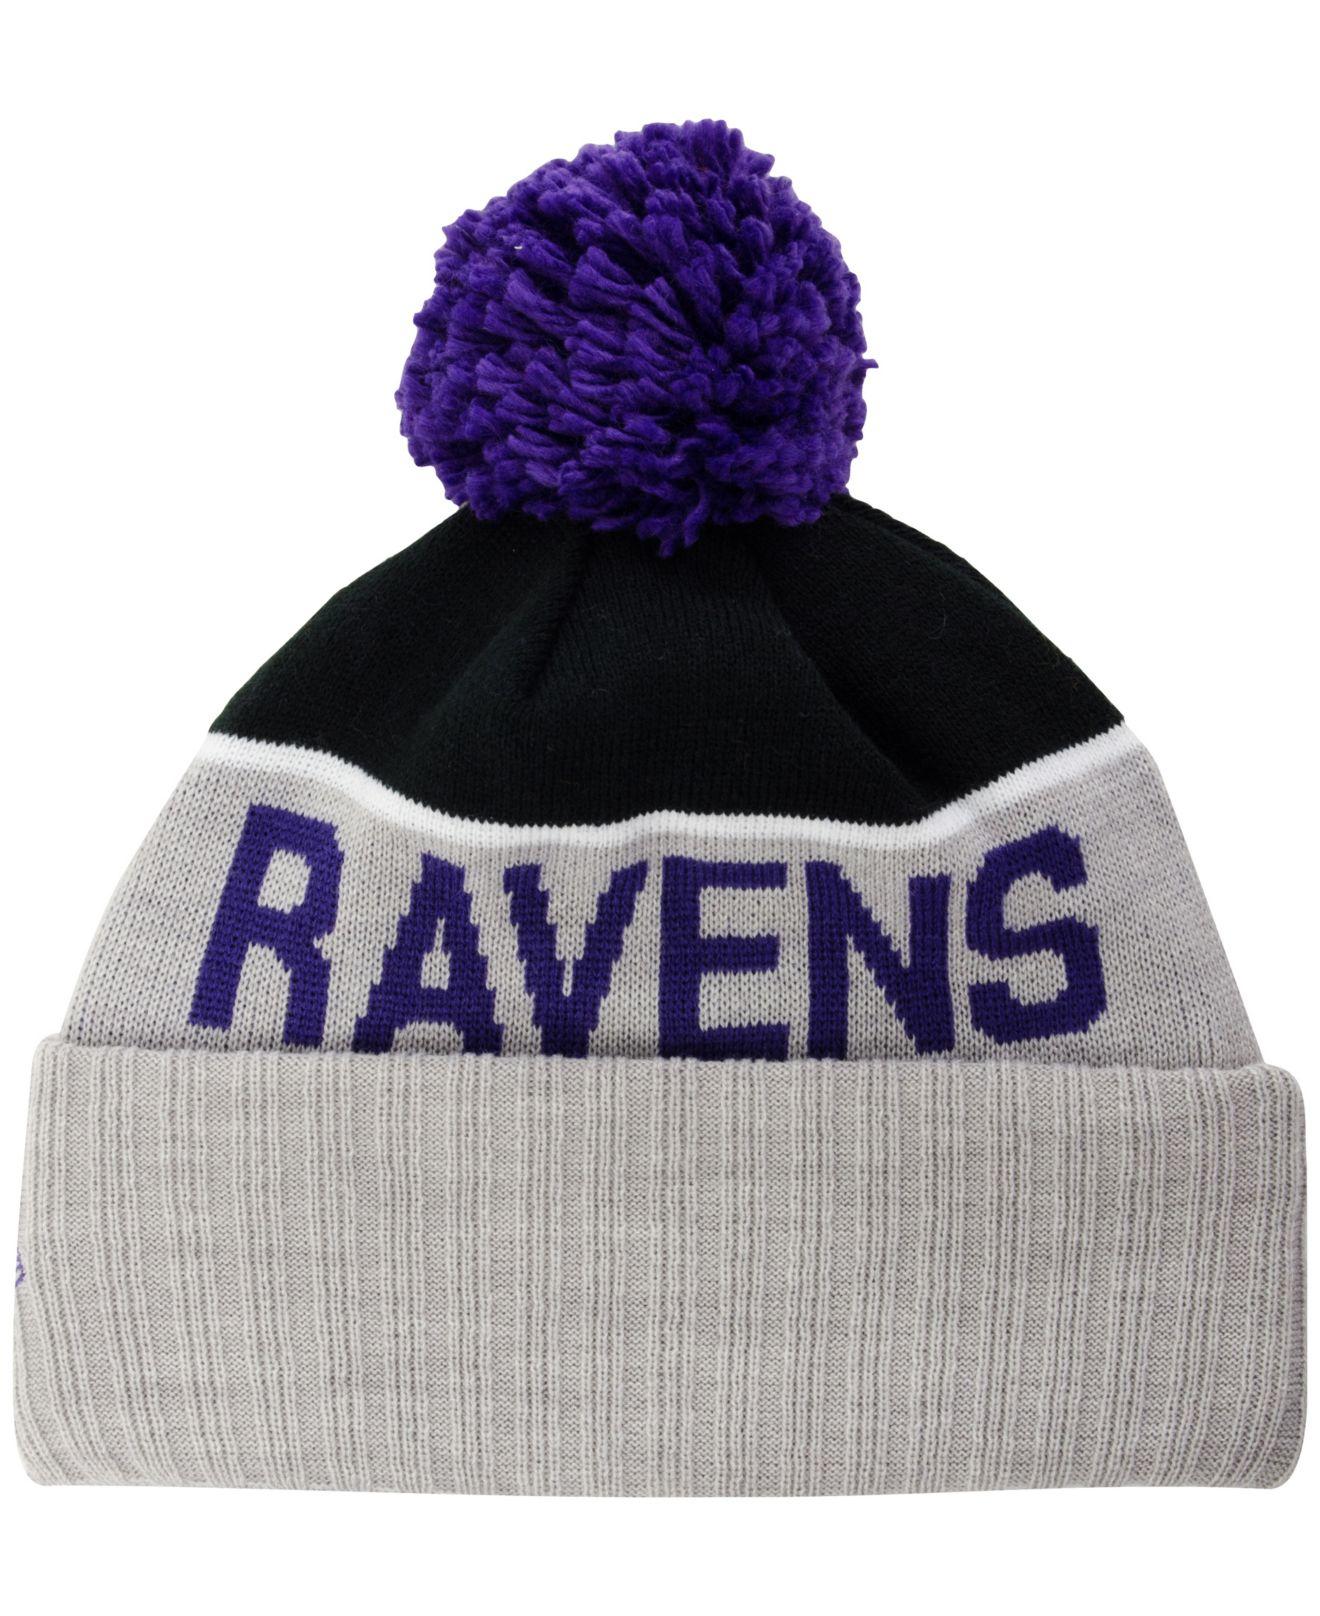 Lyst - Ktz Baltimore Ravens Super Bowl Sport Knit Hat in Gray for Men d258e9696